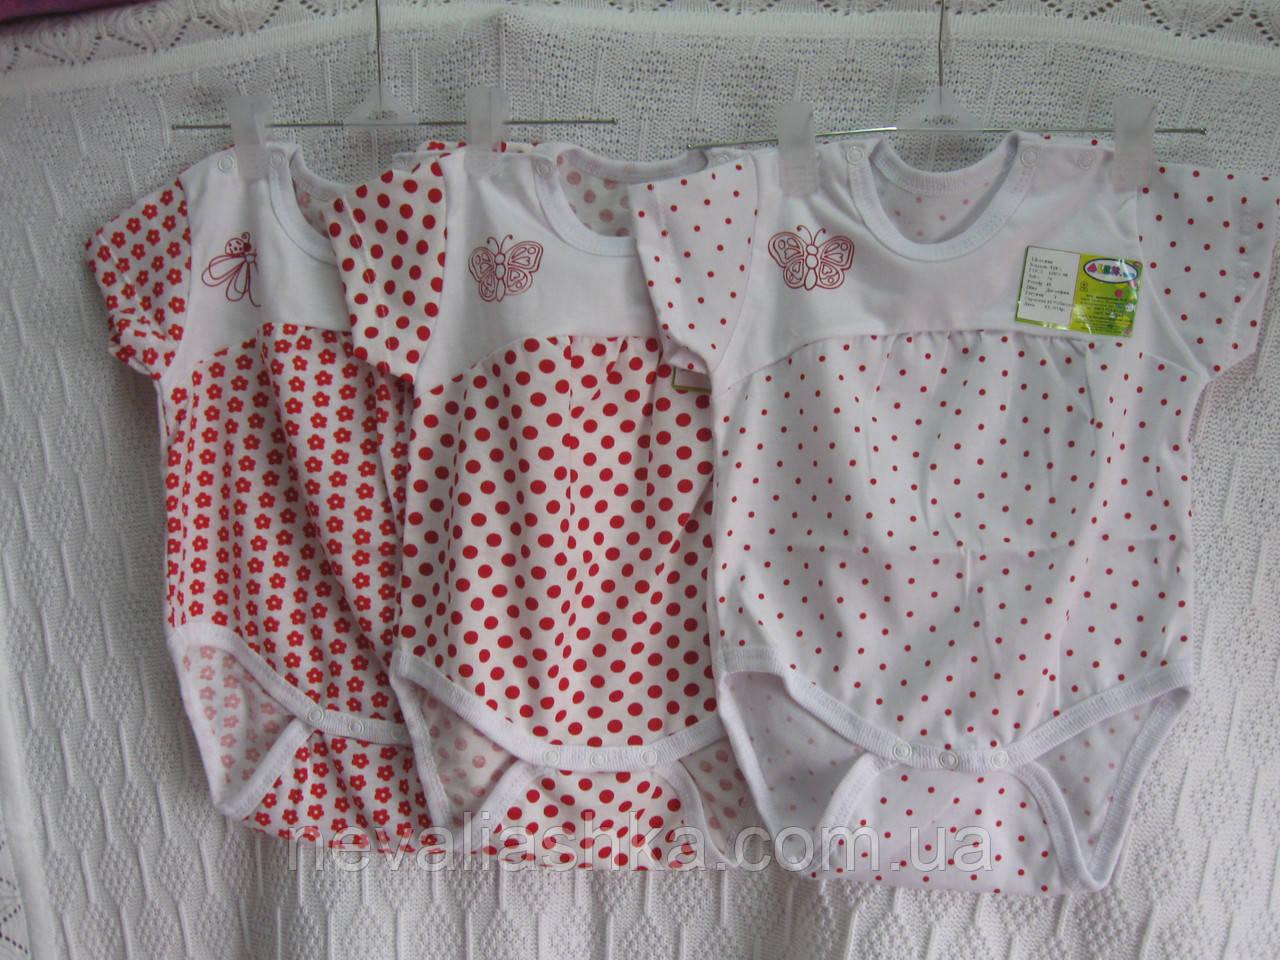 """Боди для для новорожденного""""Горошек""""раз 62-68-74-80. Украина"""